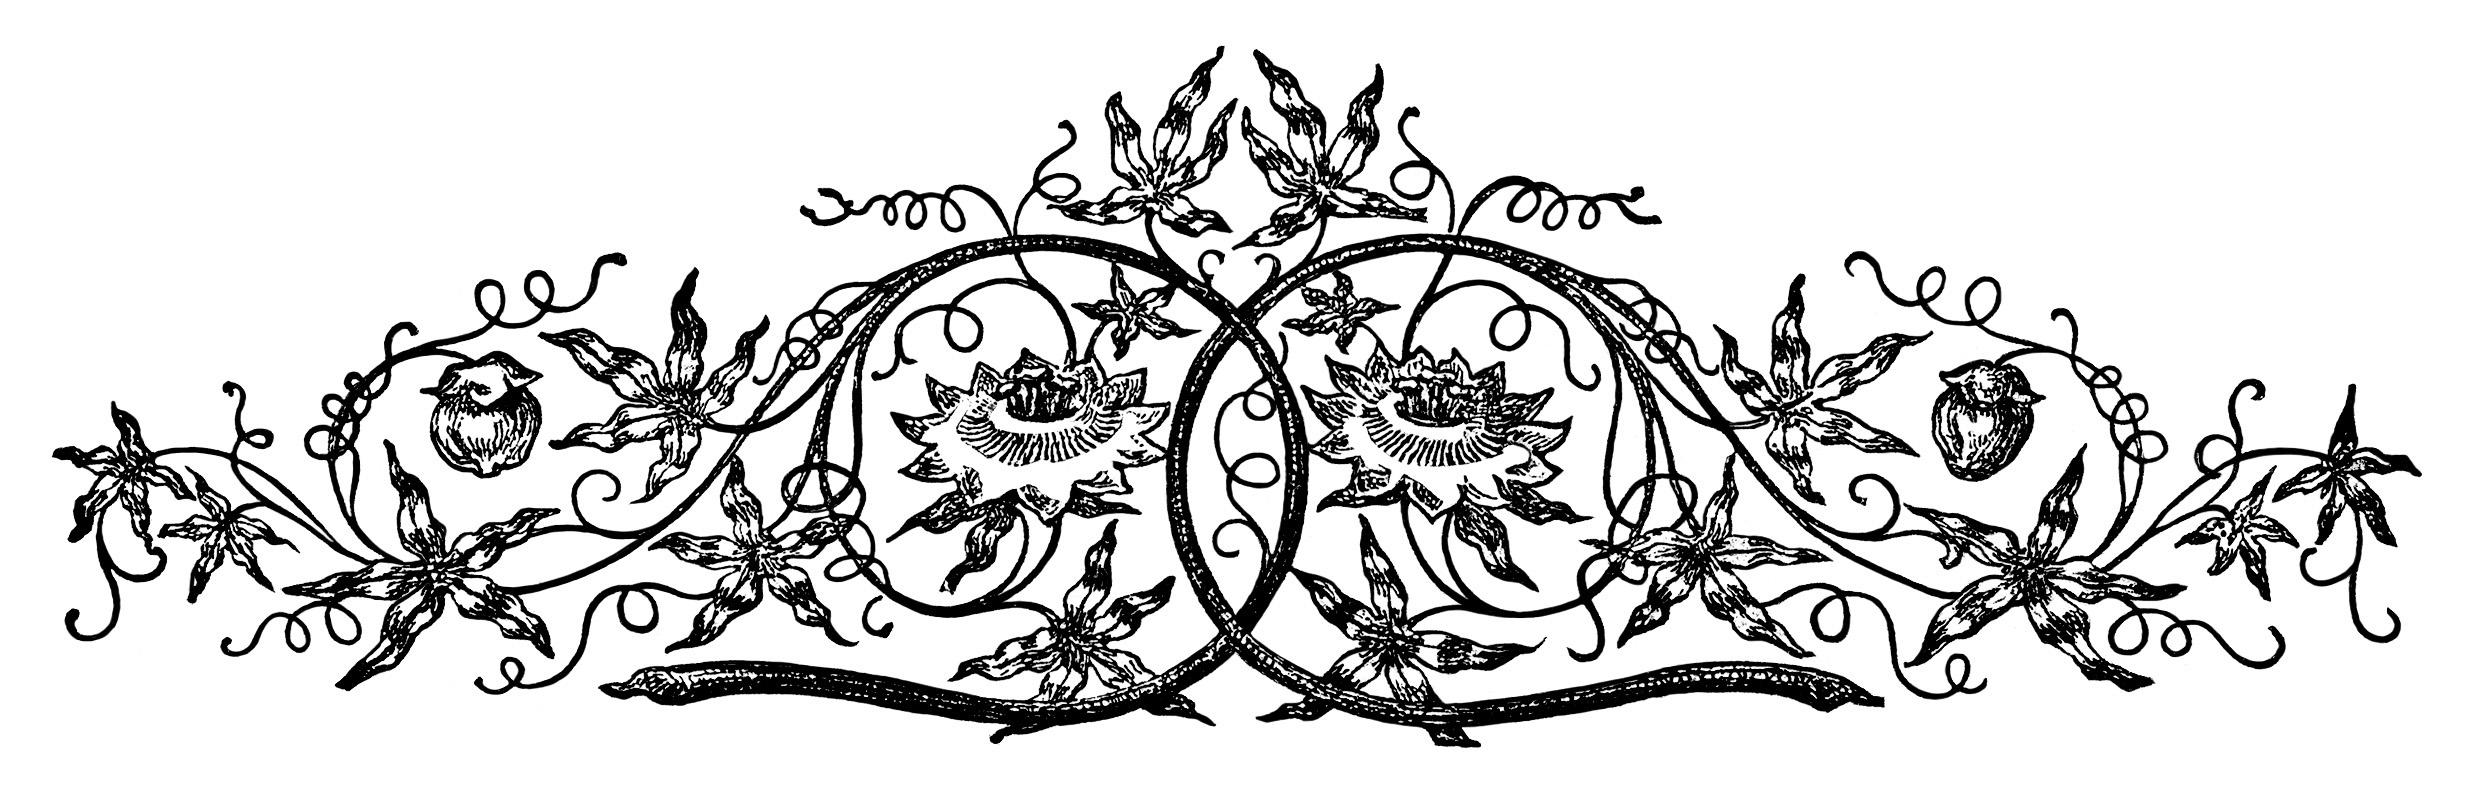 Vintage Swirl Designs Clip Art